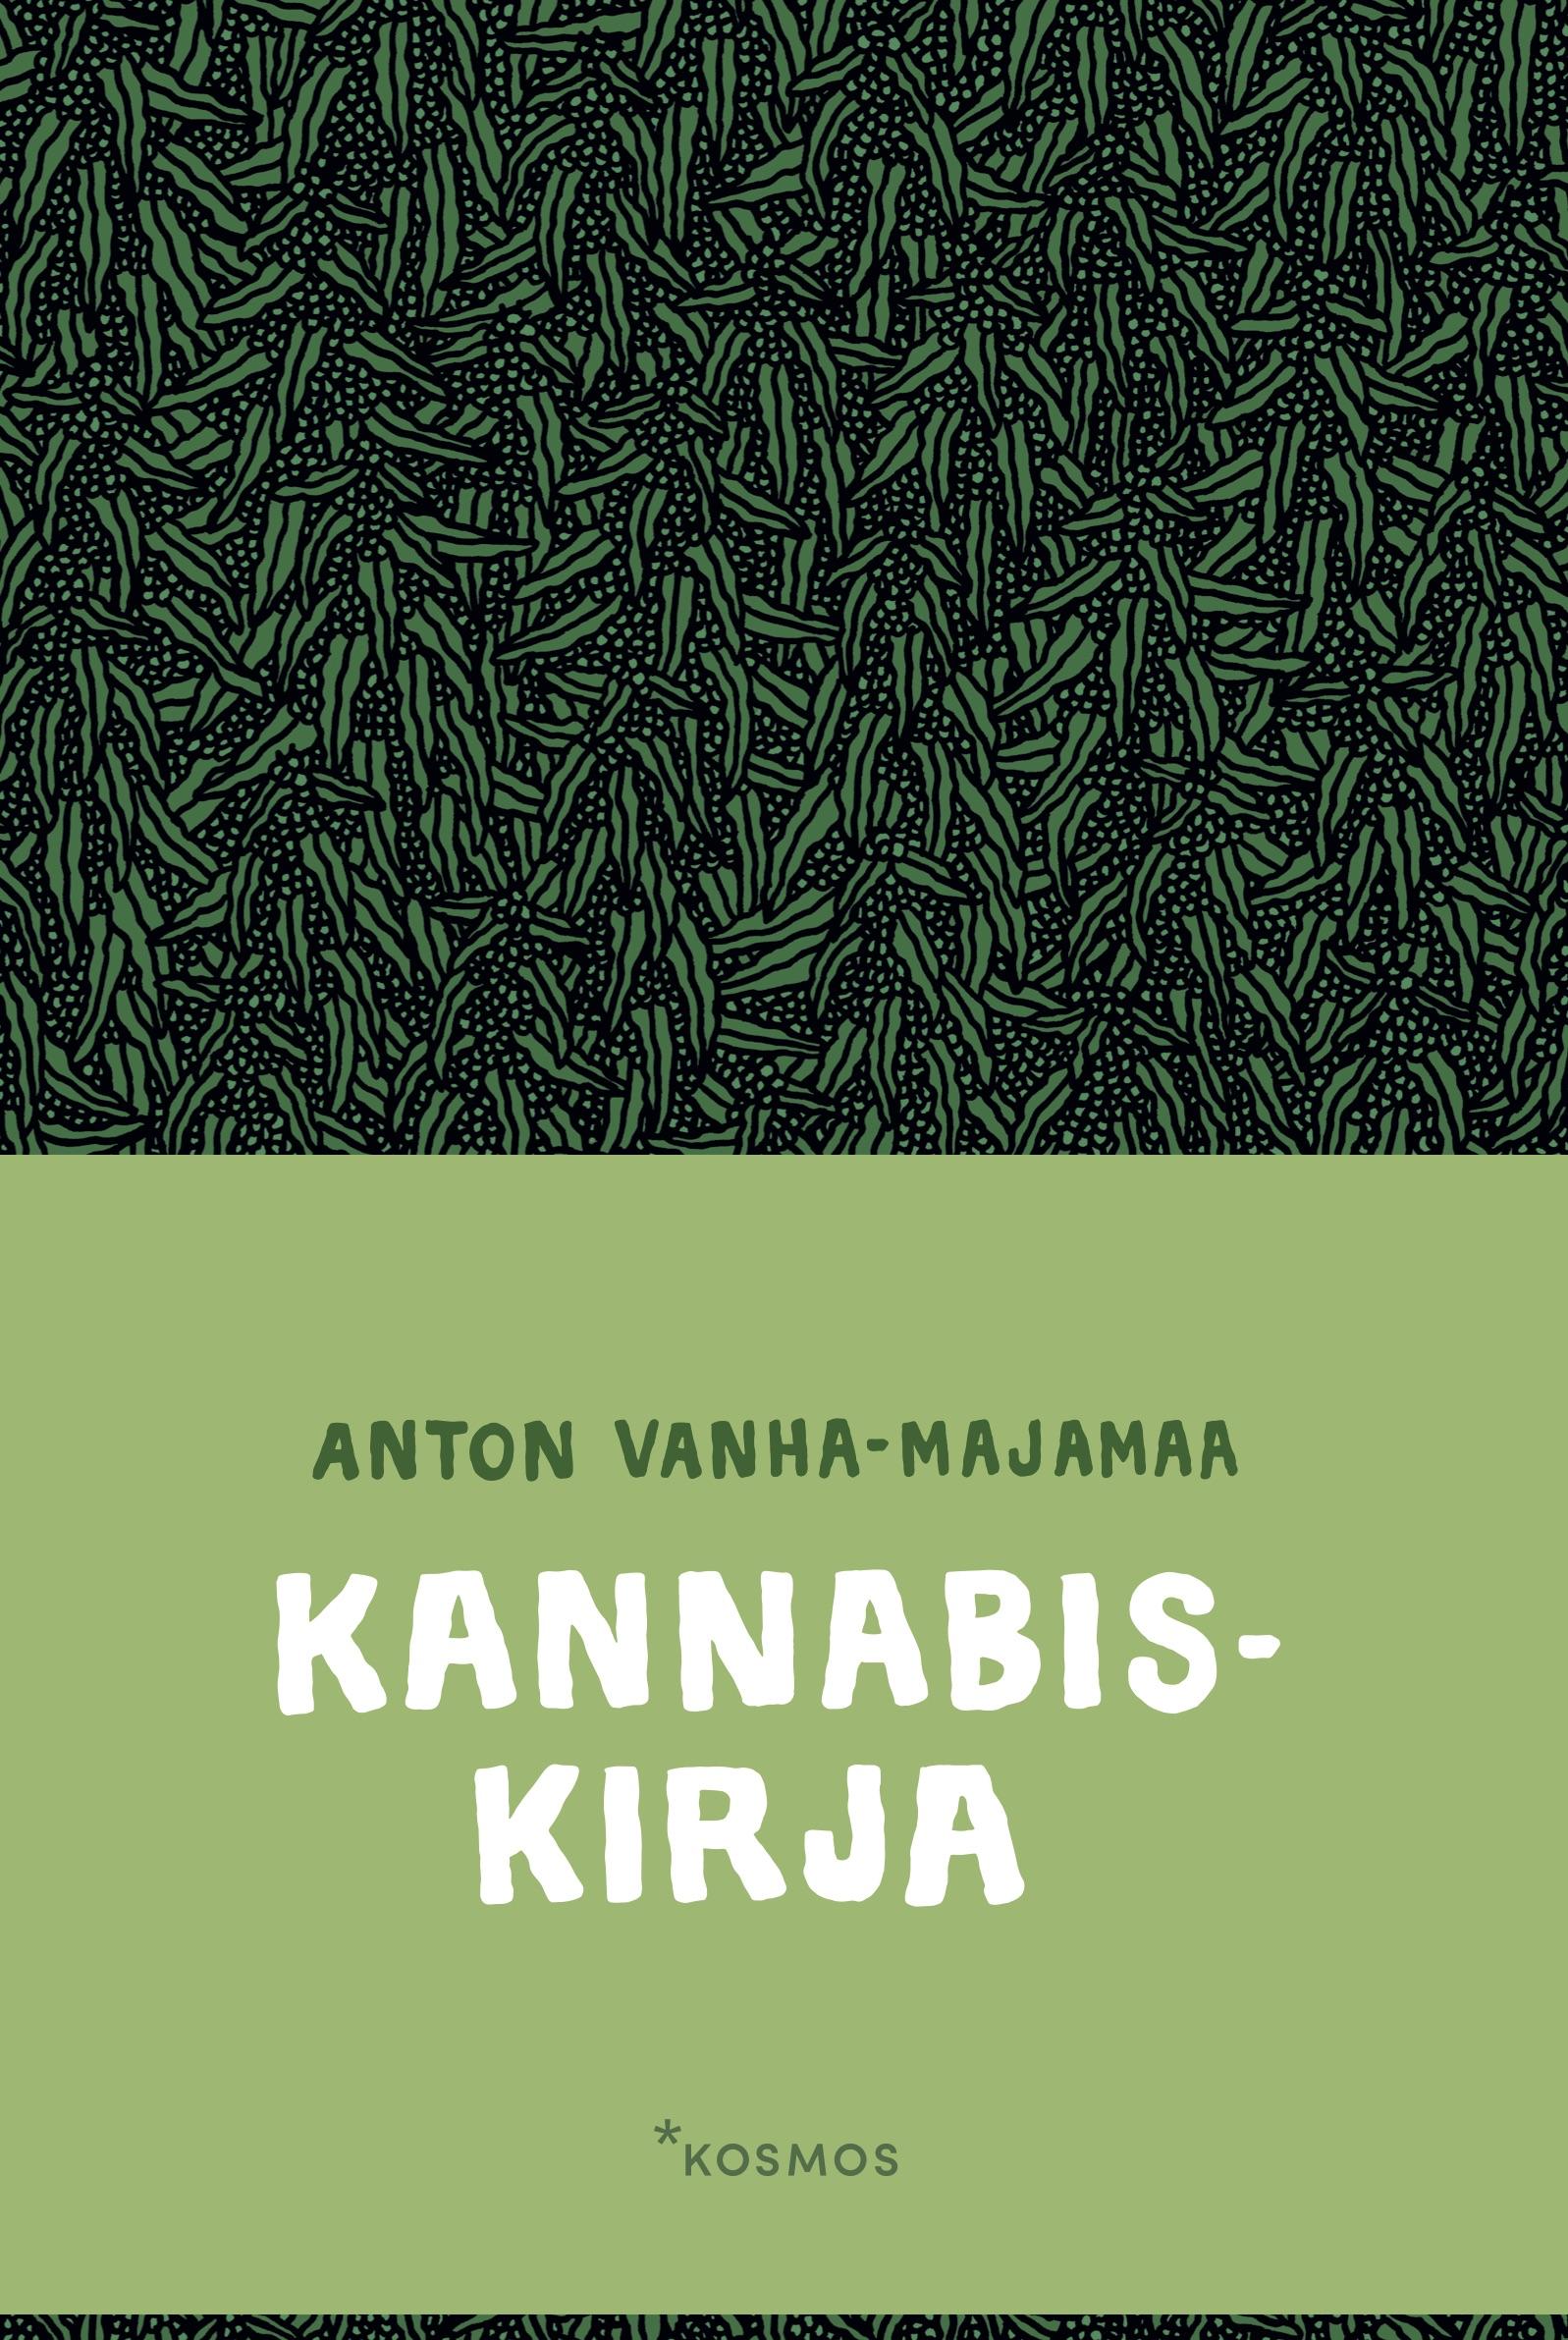 Kannabis_etukansi.jpg